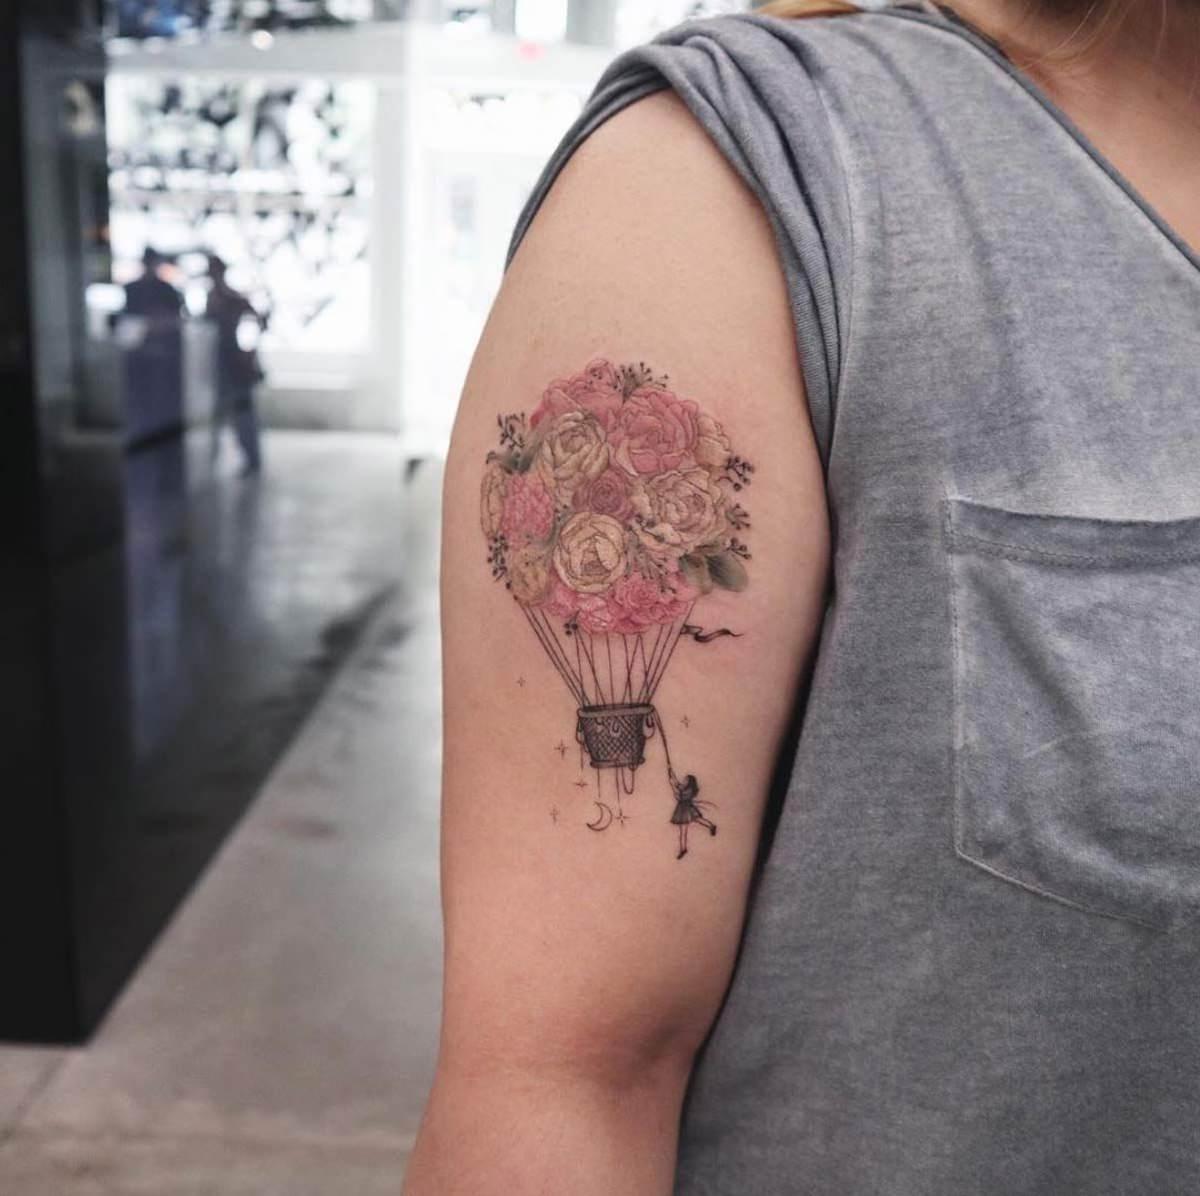 Tatuagem no braço de balão feito de rosas